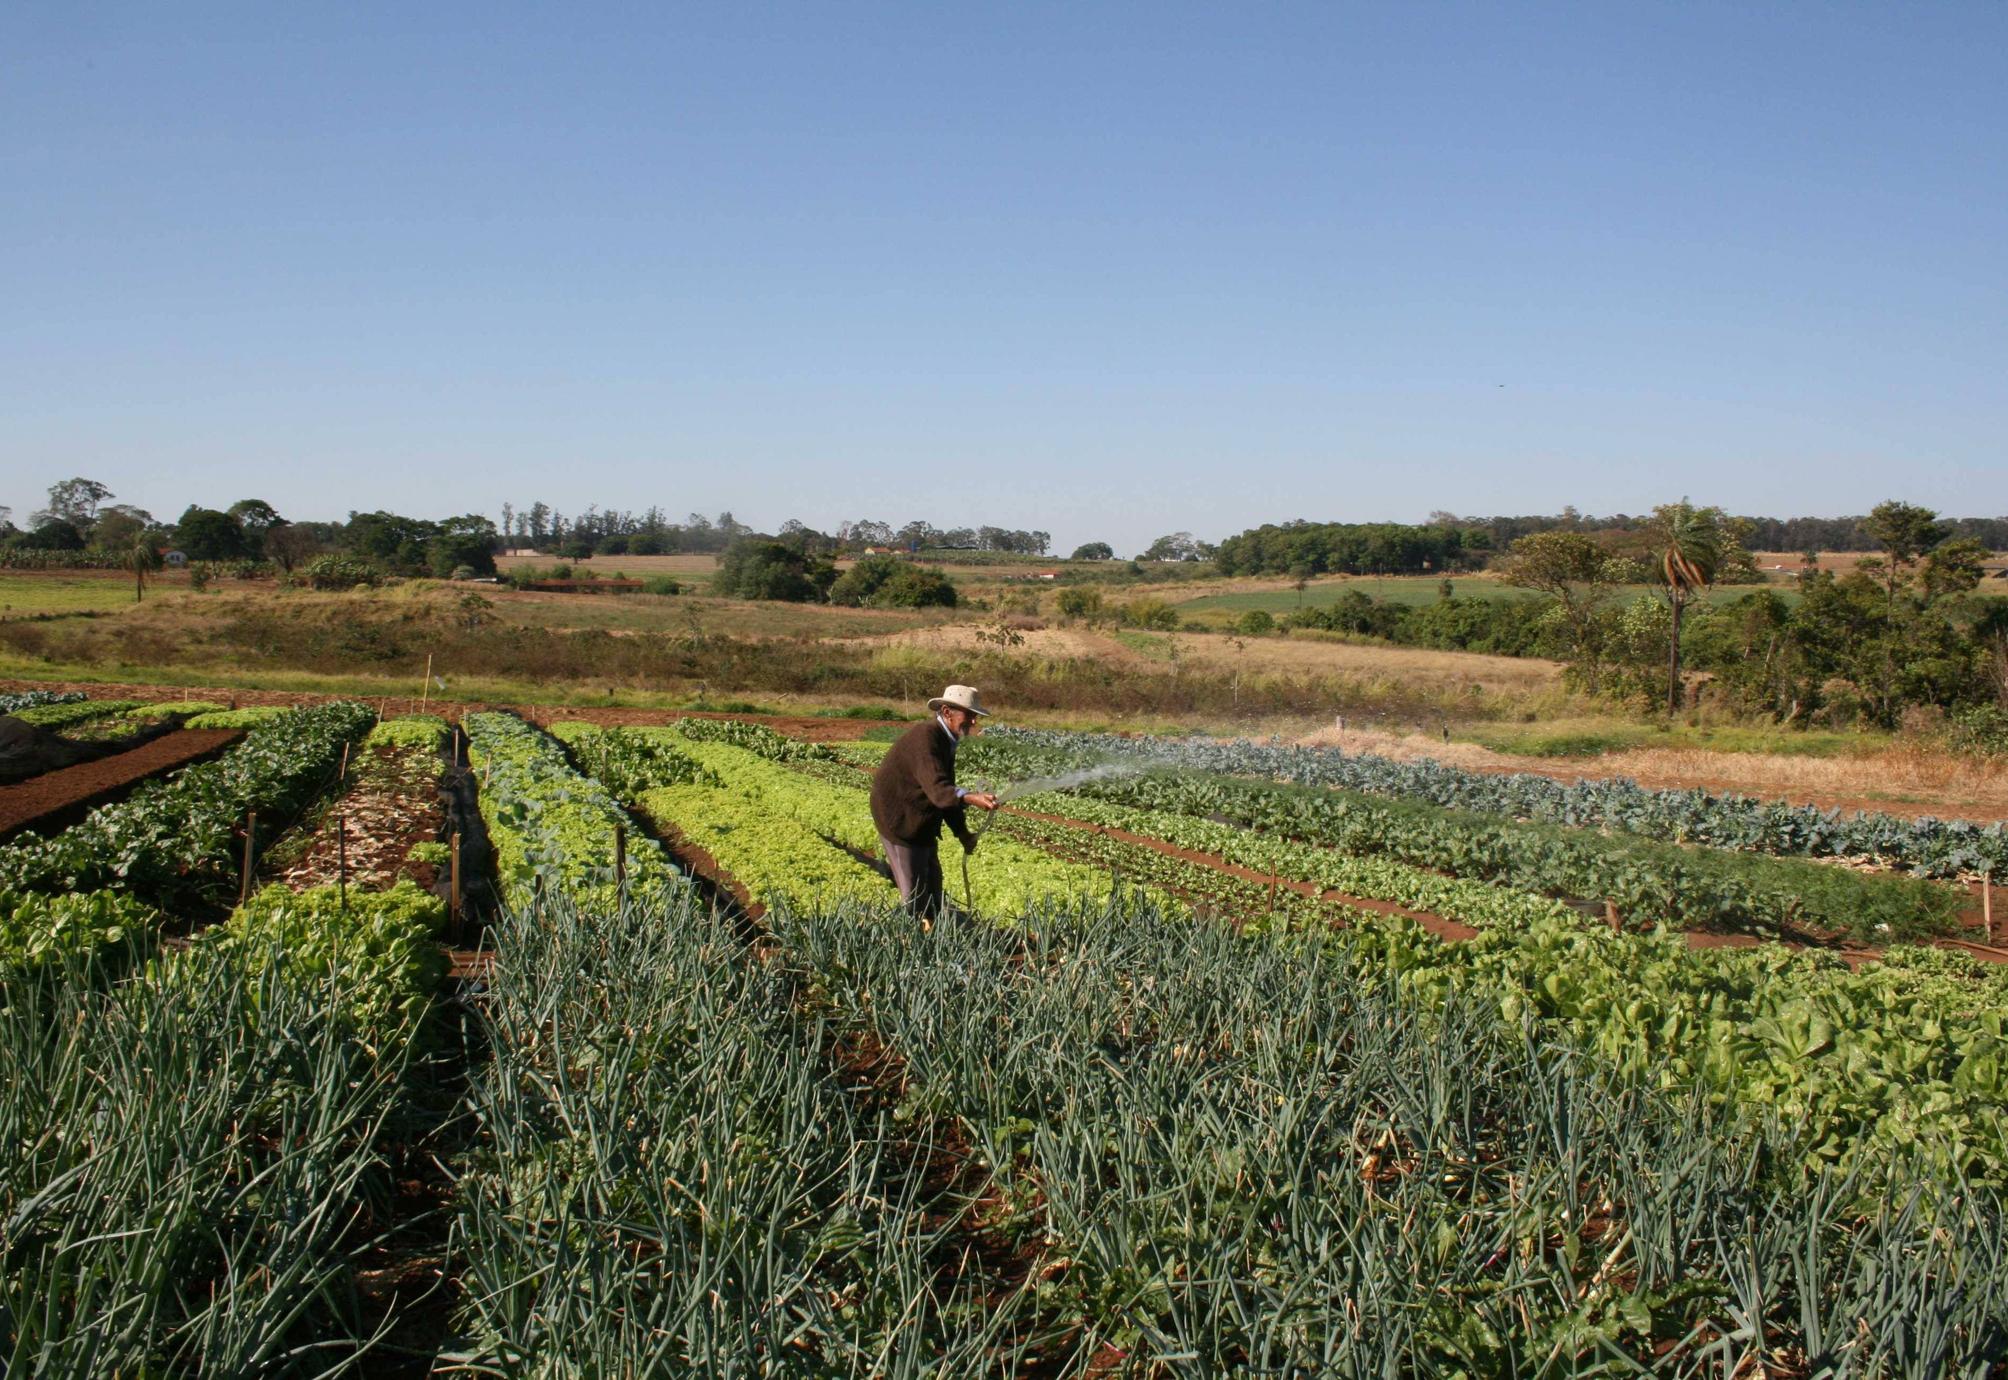 Agropecuária - plantações - hortas fazendas agricultura familiar irrigação pequenas propriedades